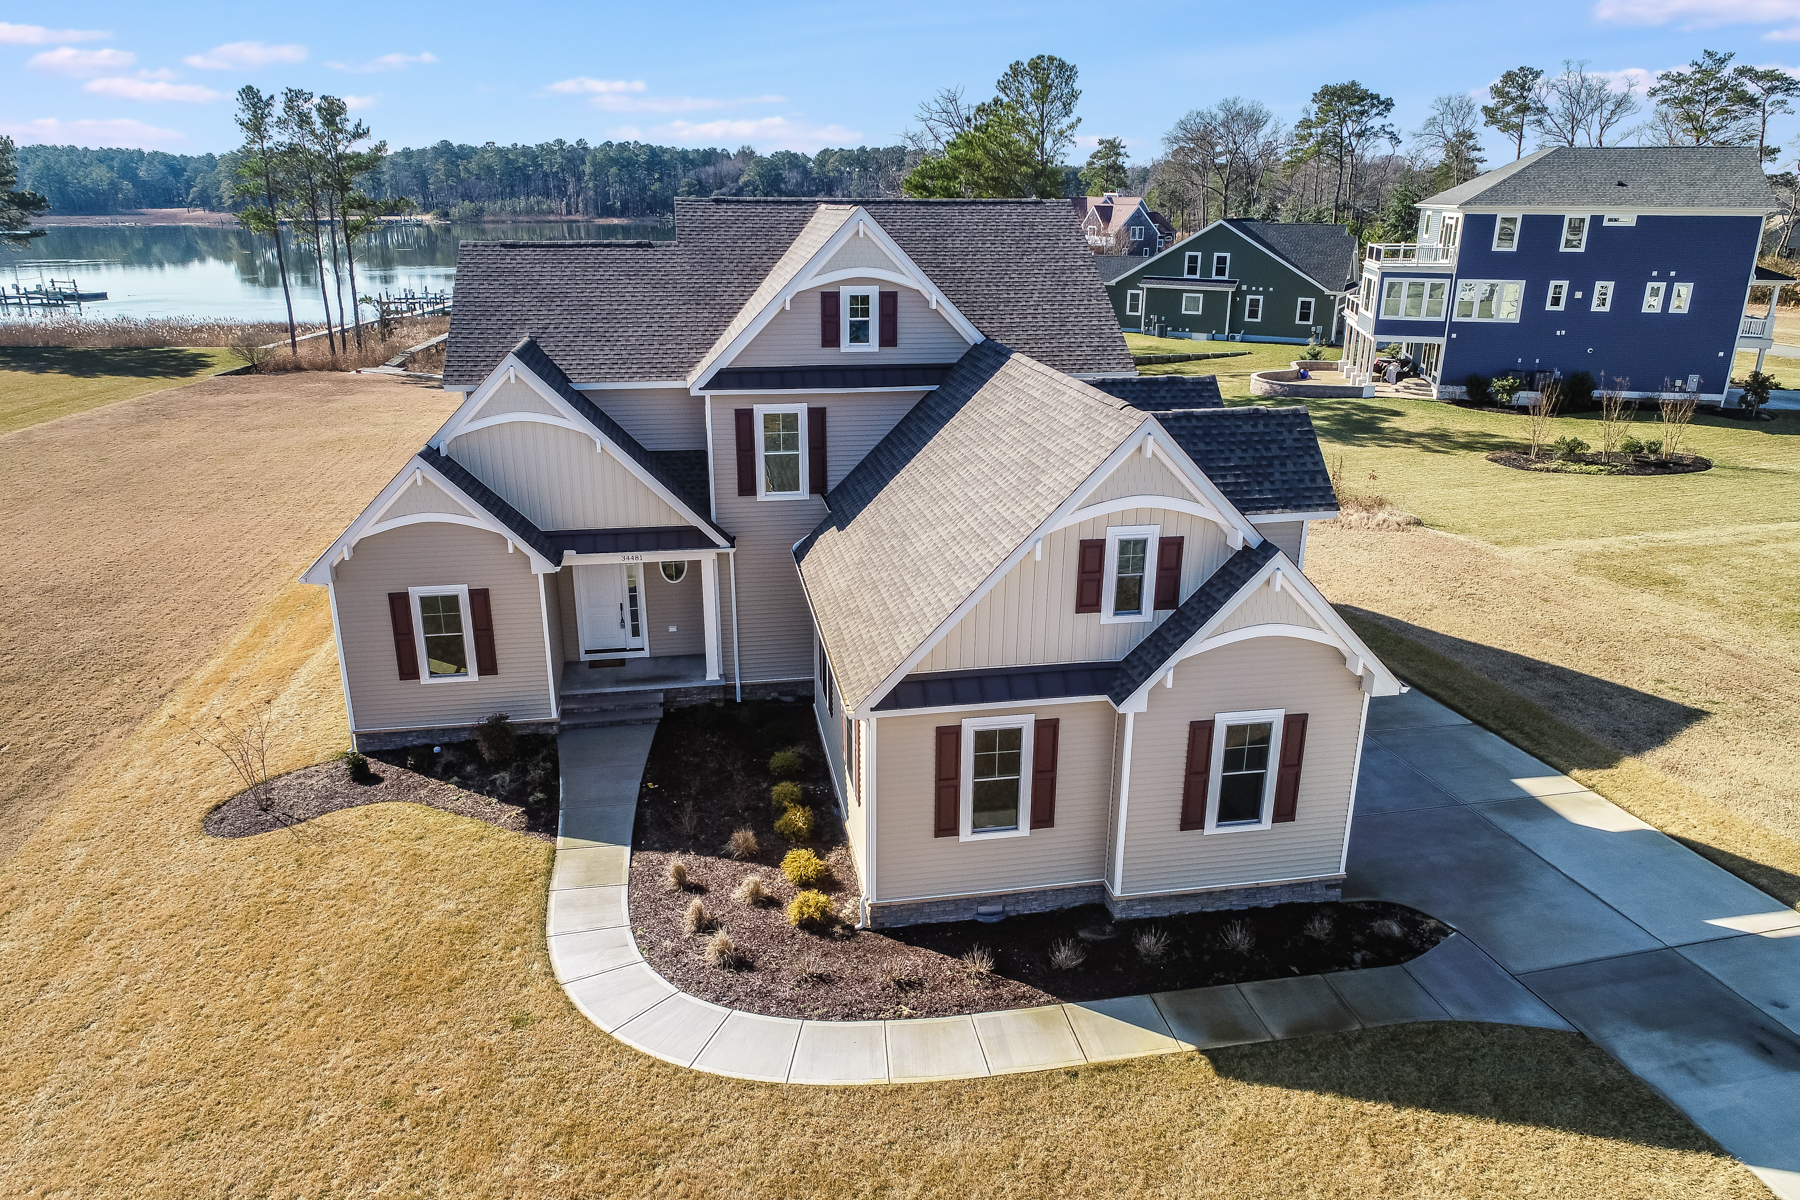 single family homes for Sale at 34481 Skyler Dr , Lewes, DE 19958 34481 Skyler Dr Lewes, Delaware 19958 United States